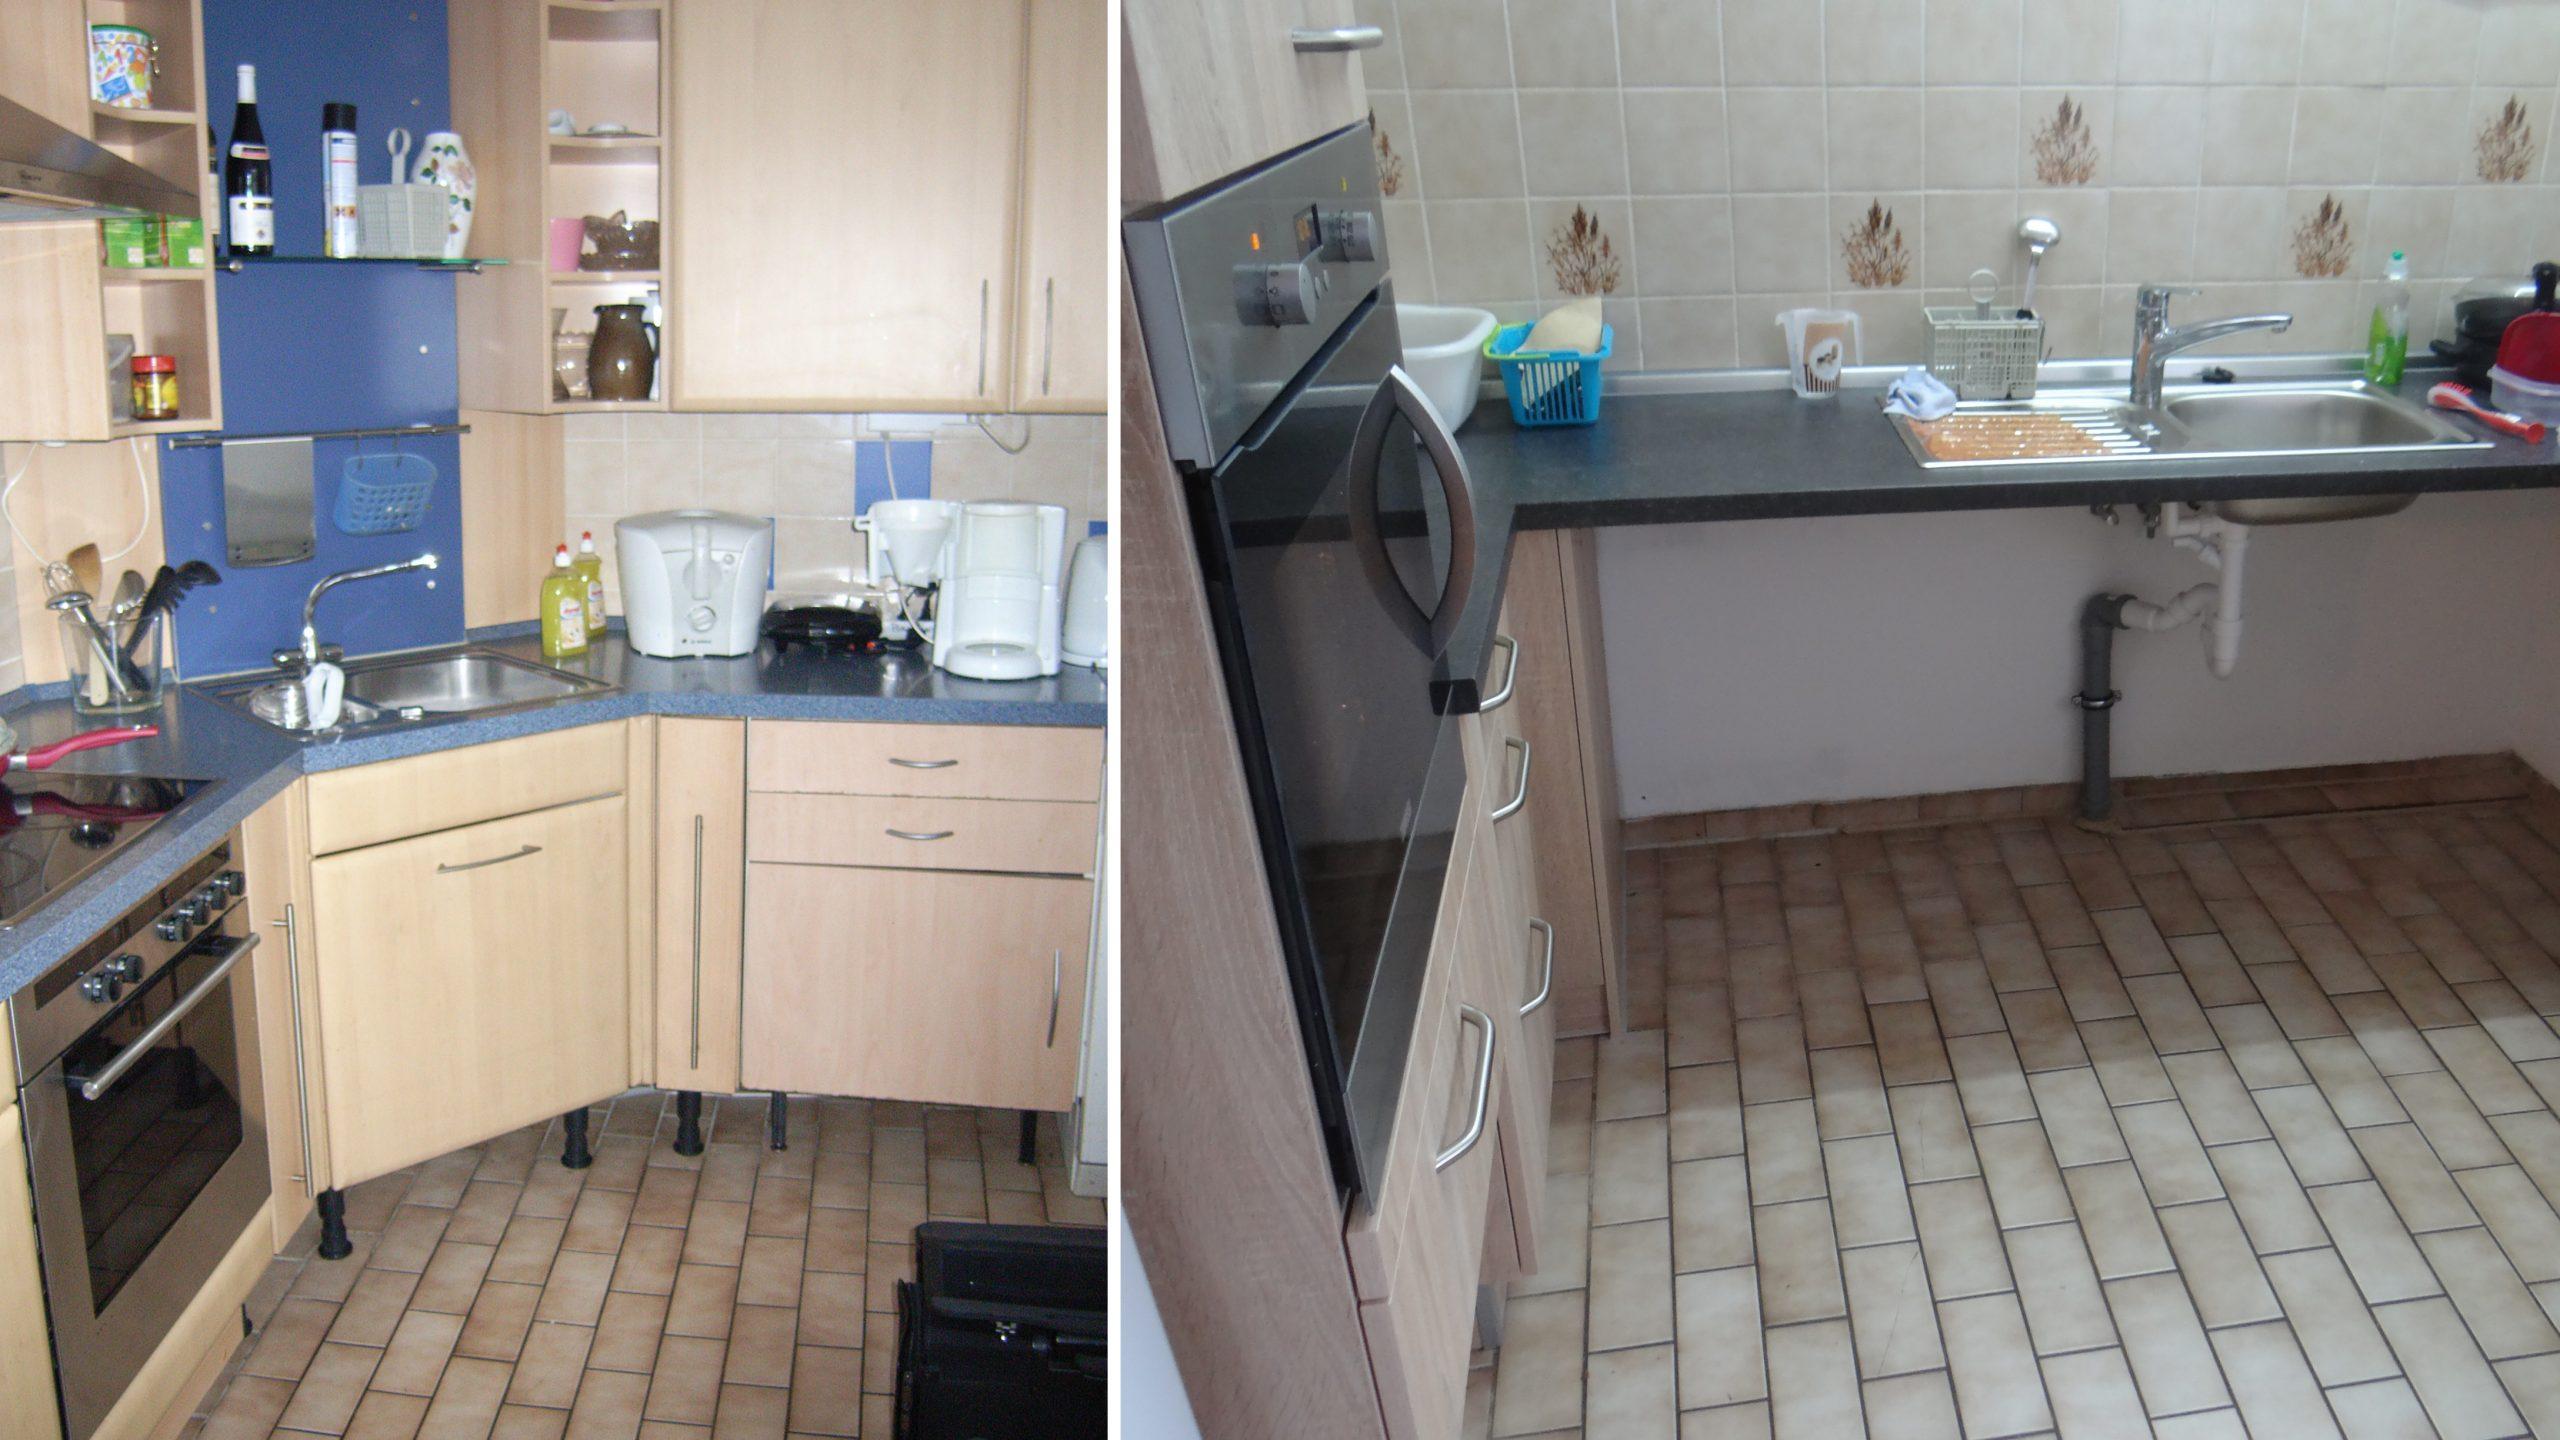 Full Size of Behindertengerechte Küche Apothekerschrank Schubladeneinsatz Hochglanz Grau Komplettküche Müllsystem Gebrauchte Einbauküche Landhausküche Gebraucht Küche Behindertengerechte Küche